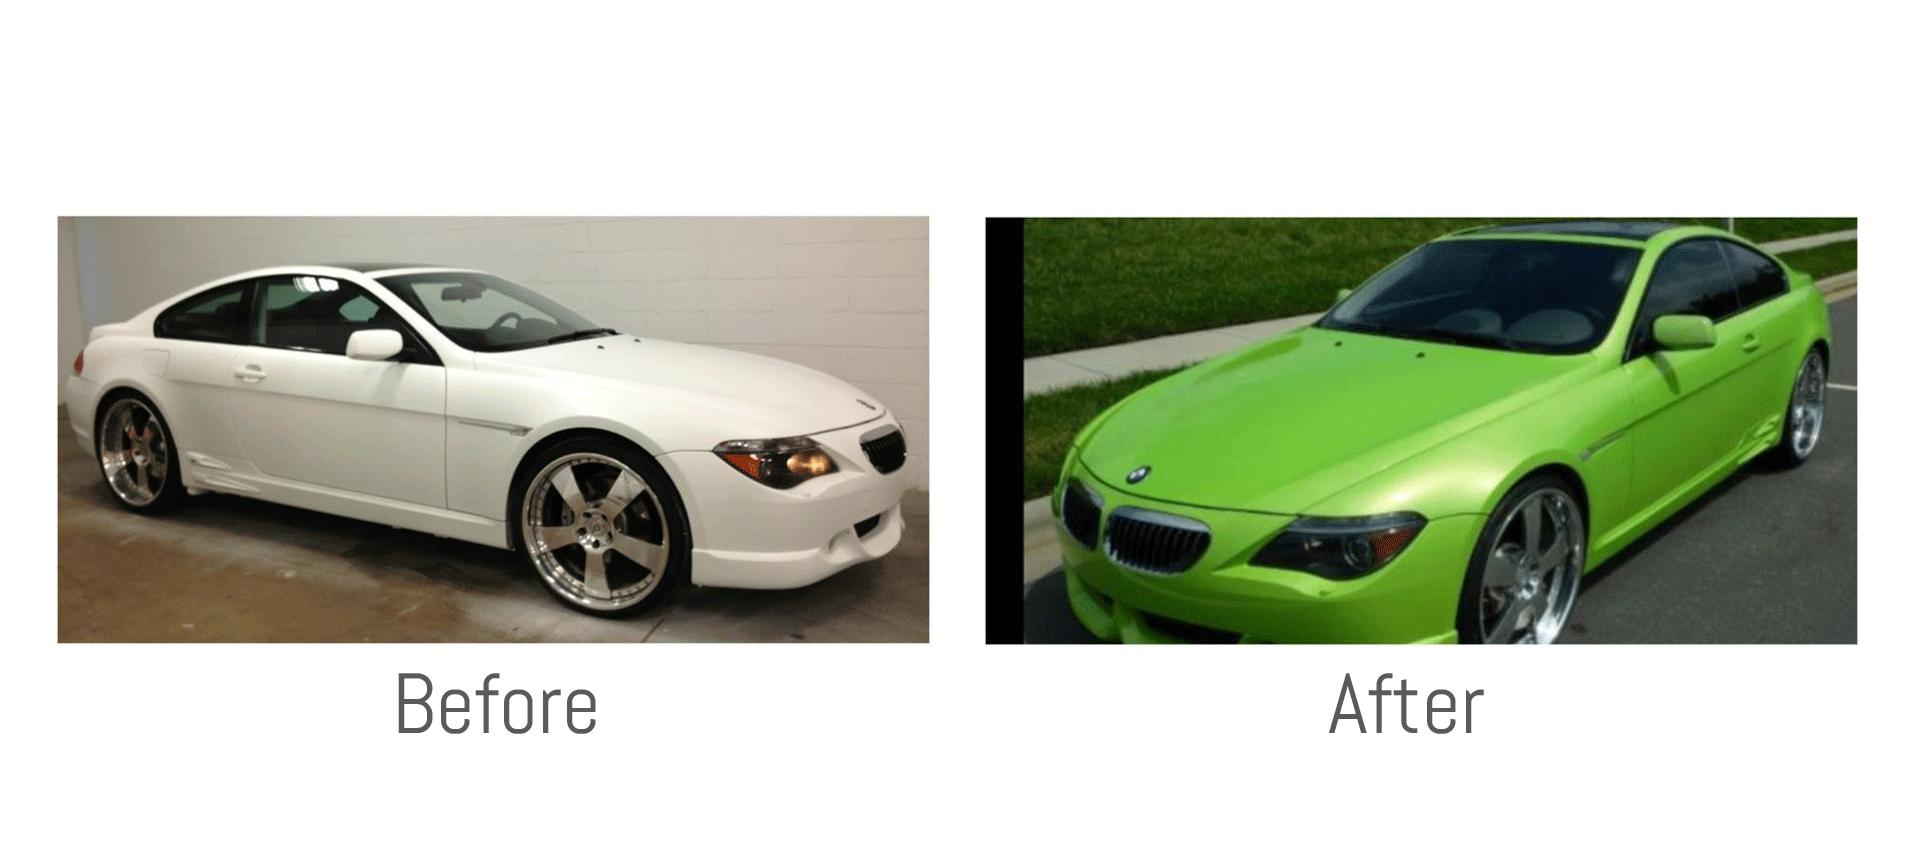 cardip_car